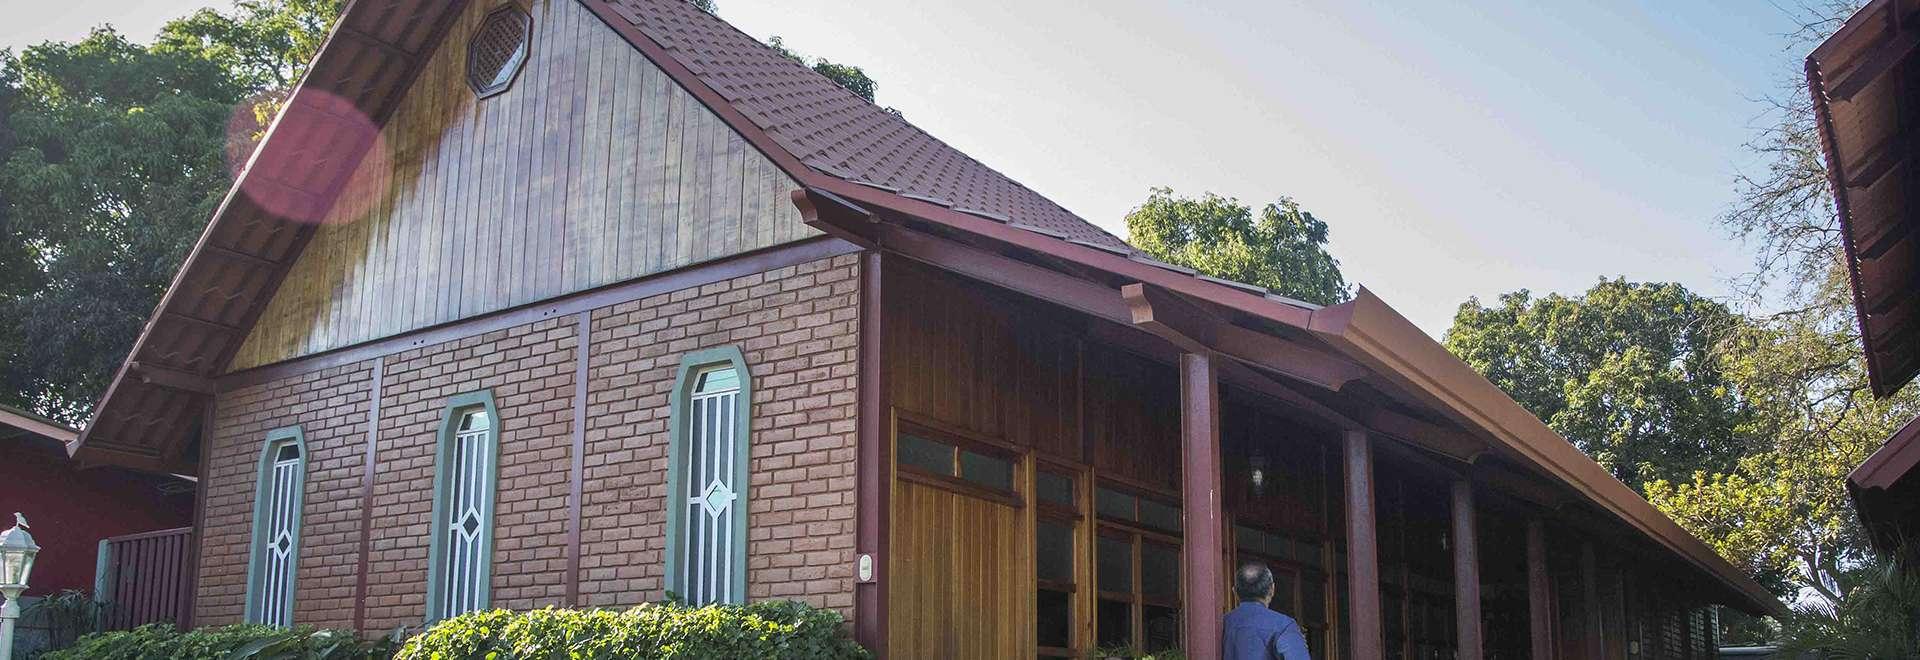 Igreja Cristã Maranata anuncia retorno gradual dos cultos presenciais: entenda o que essa atividade representa para a instituição